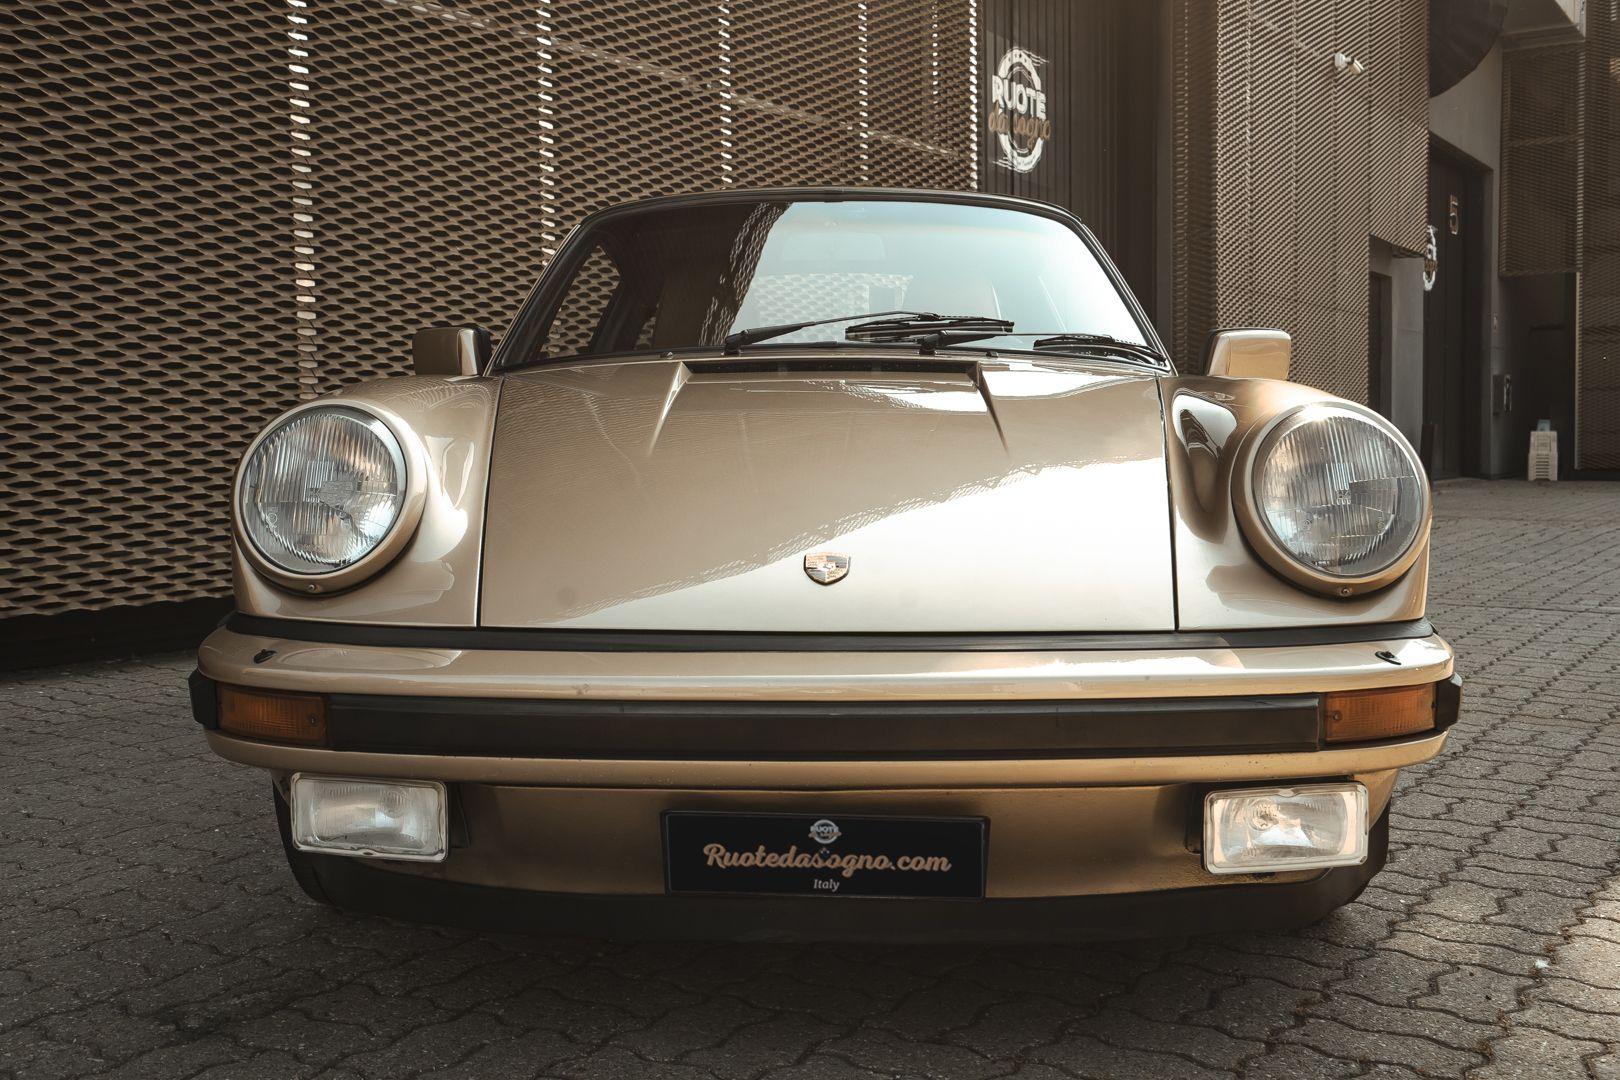 1985 Porsche 911 Carrera 3.2 Targa 73190